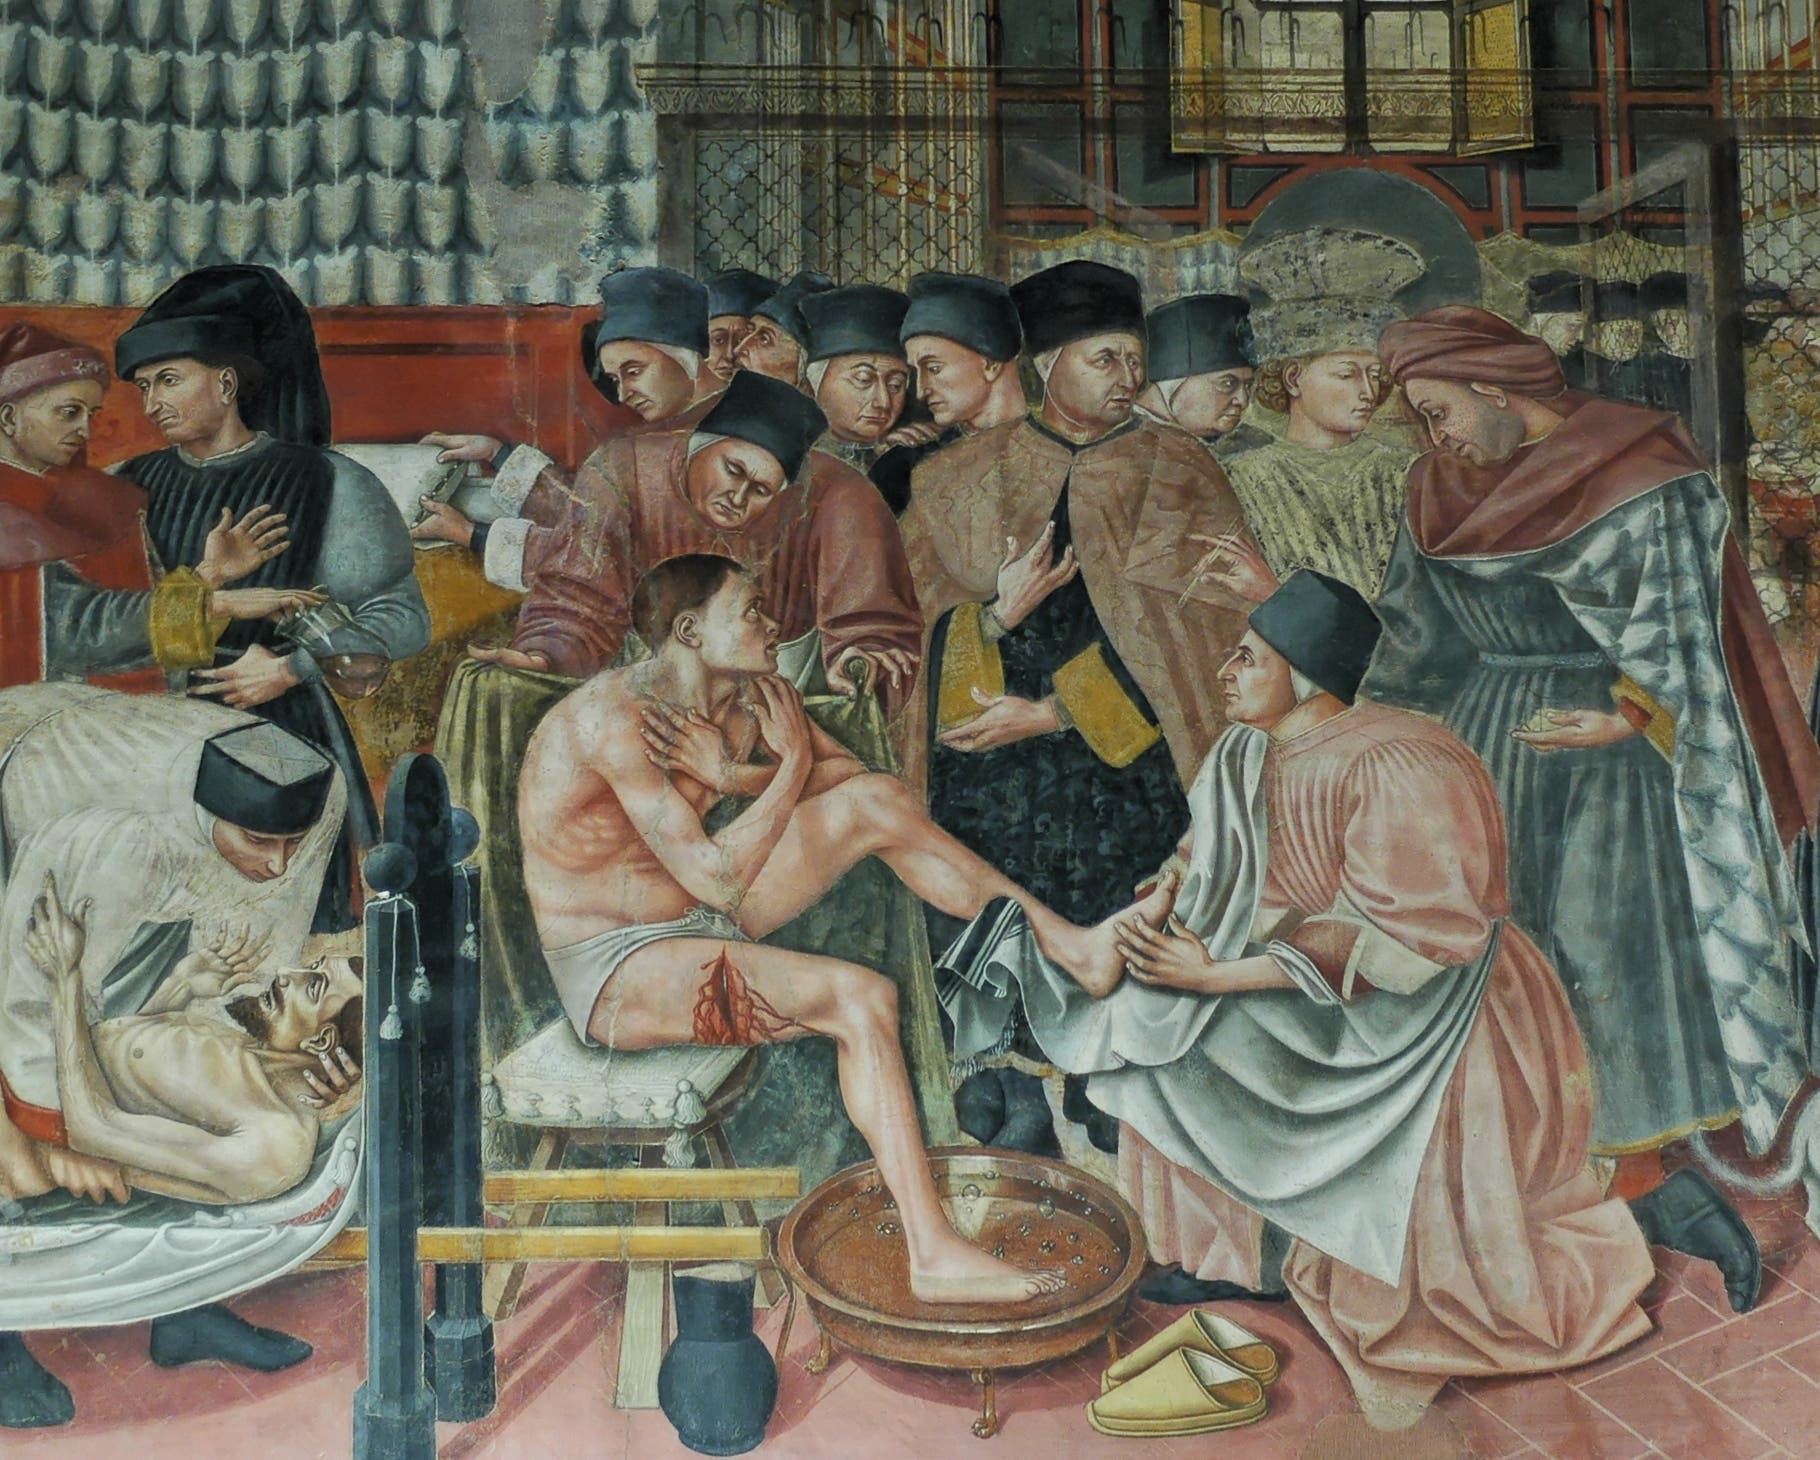 مرضى من القرون الوسطى في أوروبا